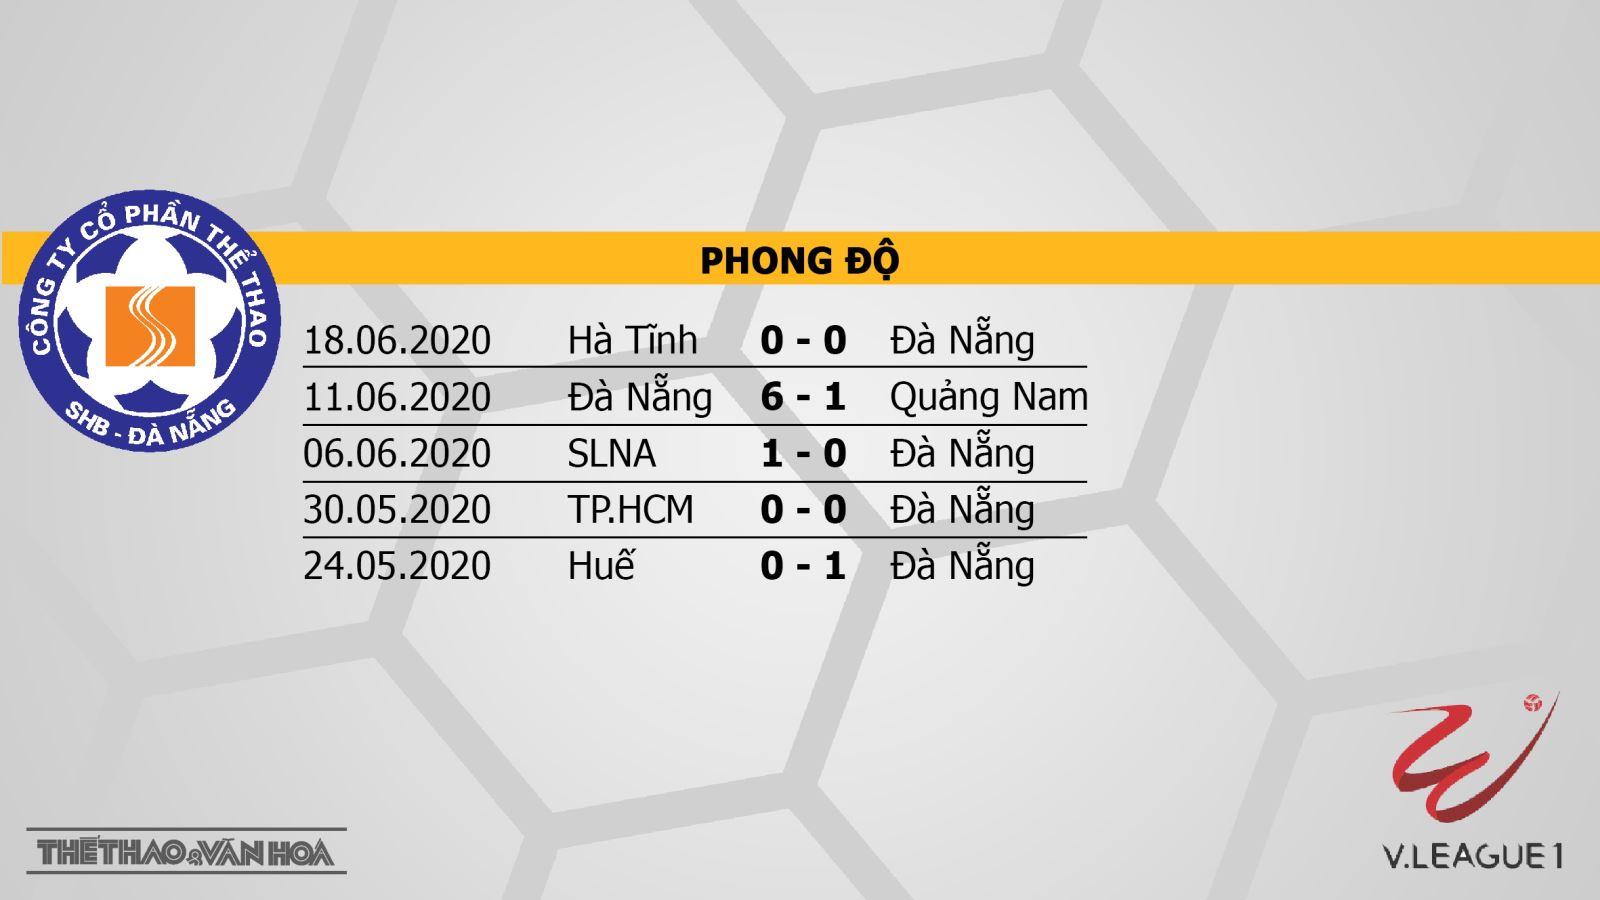 SHB Đà Nẵng vsHoàng Anh Gia Lai, HAGL, Đà Nẵng, bóng đá, kèo bóng đá, nhận định, dự đoán, trực tiếp bóng đá